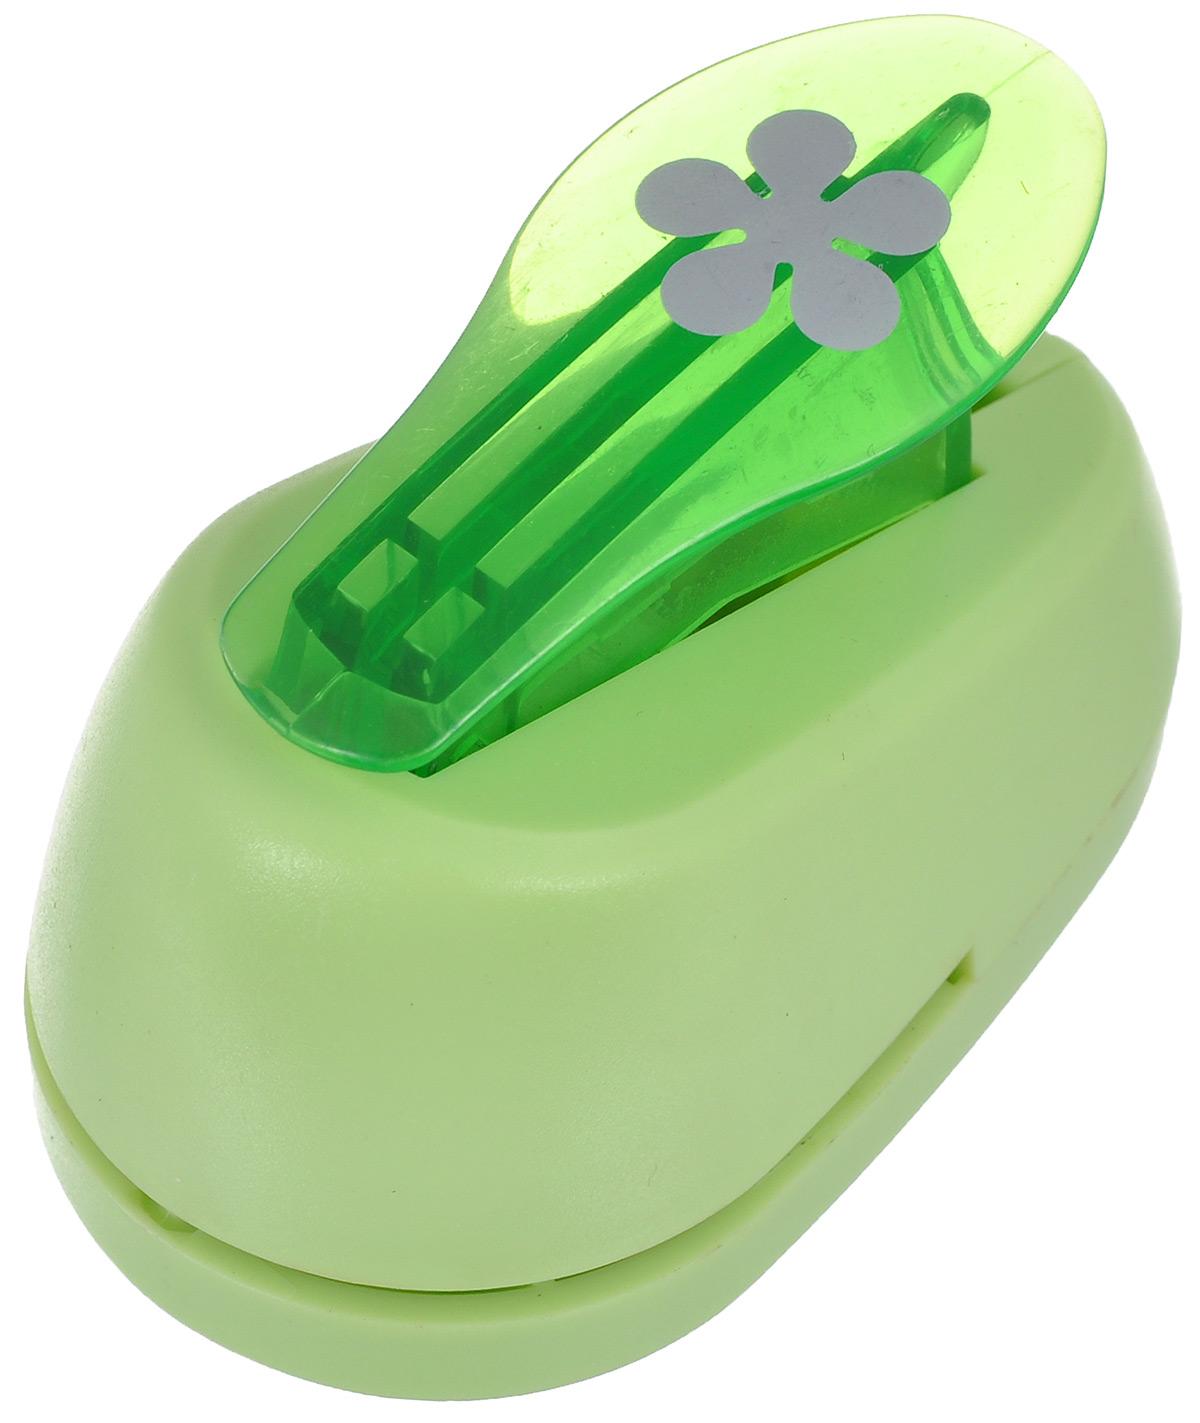 Дырокол фигурный Hobbyboom Роза, цвет: зеленый, №199, 1,8 смCD-99S-199_роза, салатовыйФигурный дырокол Hobbyboom Роза, изготовленный из прочного металла и пластика, поможет вам легко, просто и аккуратно вырезать много одинаковых мелких фигурок. Режущие части дырокола закрыты пластиковым корпусом, что обеспечивает безопасность для детей. Предназначен для бумаги плотностью - 80 - 200 г/м2. Рисунок прорези указан на ручке дырокола. Размер дырокола: 7 см х 4 см х 5 см. Диаметр готовой фигурки: 1,8 см.